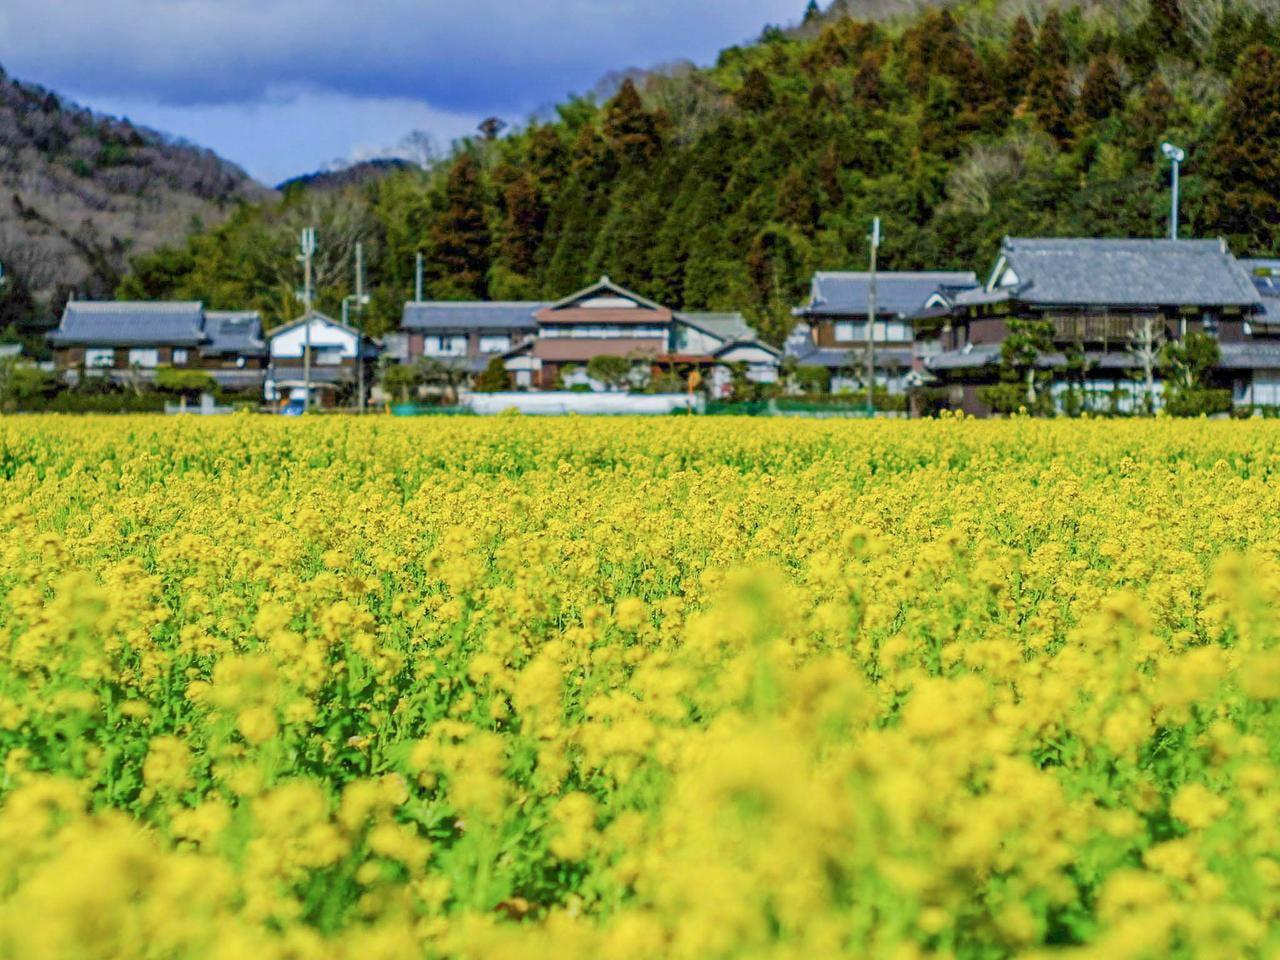 【姫路・夢前】早咲き「菜の花」開花情報!春を感じるスポット紹介